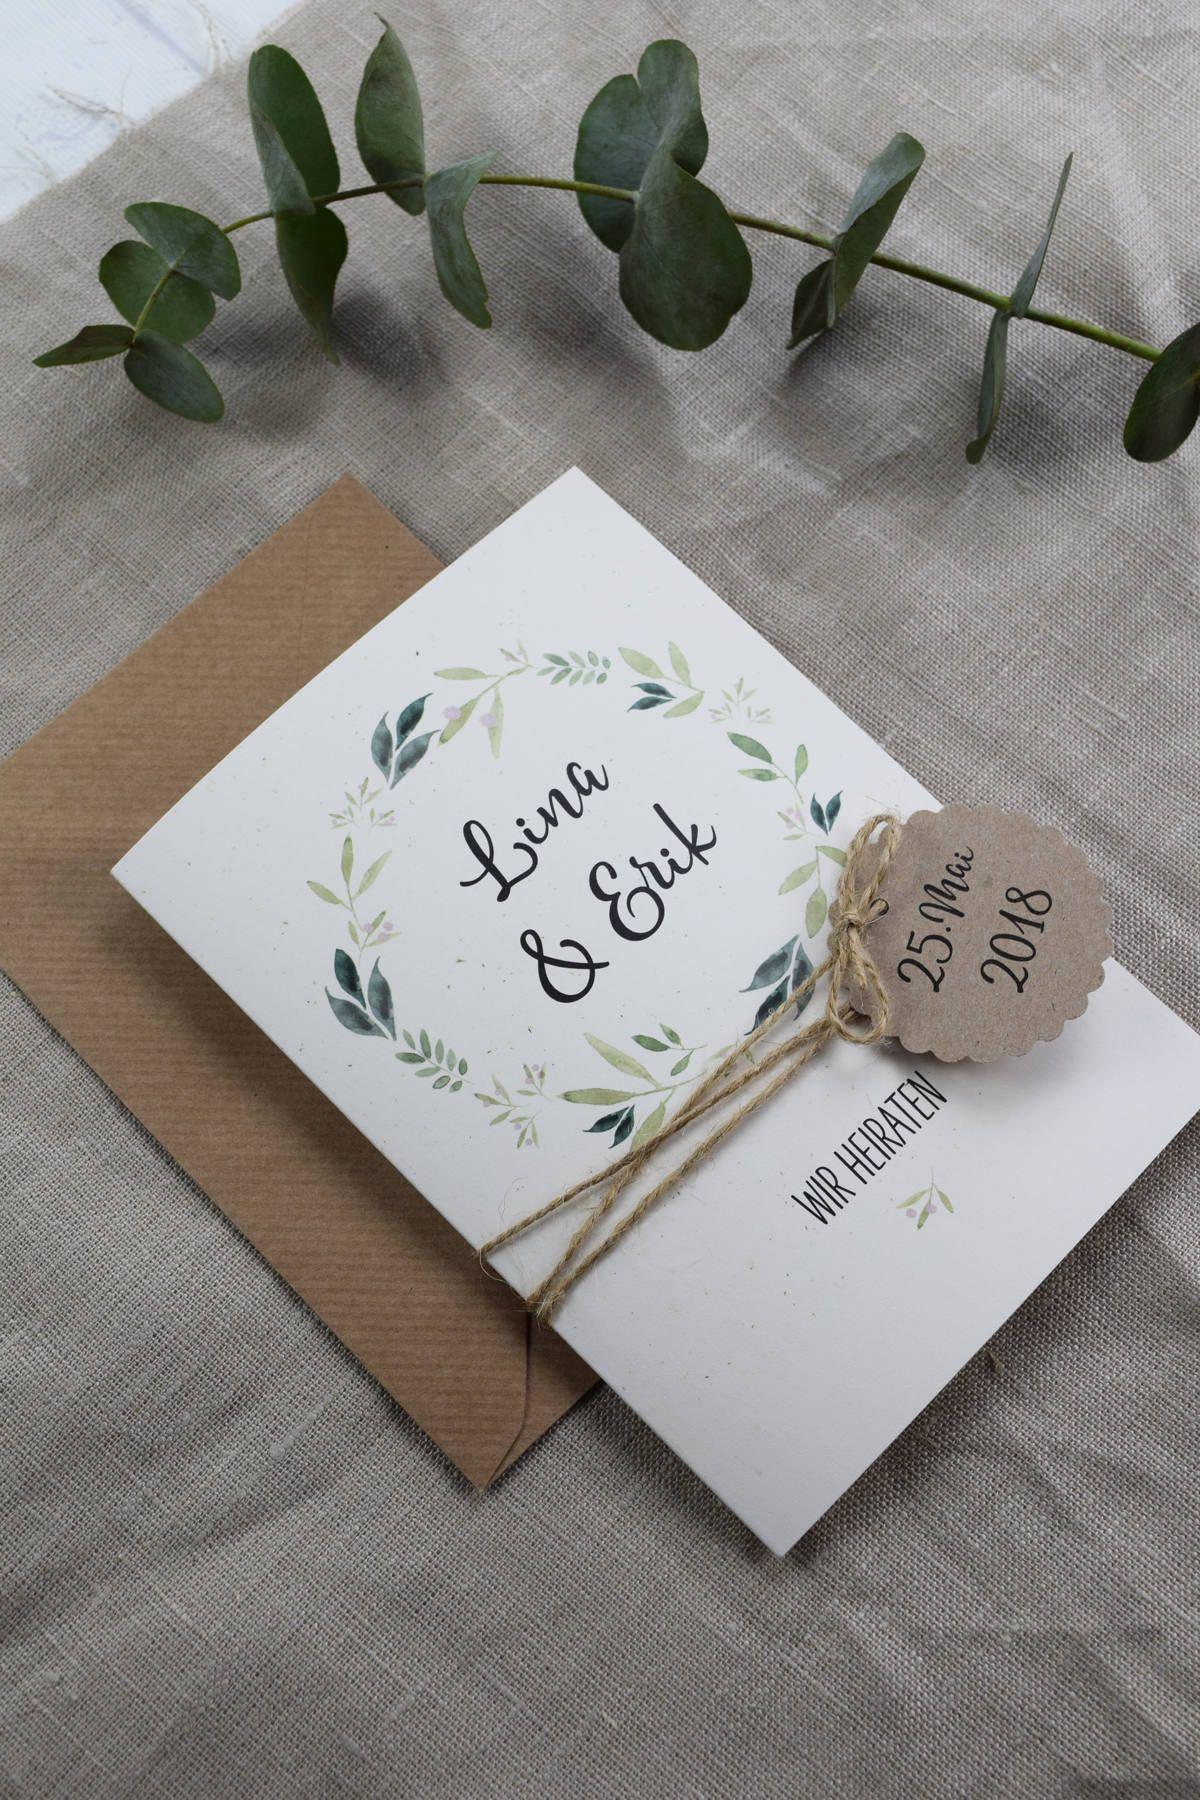 Hochzeitseinladung inkl. Tagesablauf, personalsierte Einladungskarte, Hochzeit, Hochzeitkarte mit Anhänger #personalizedwedding